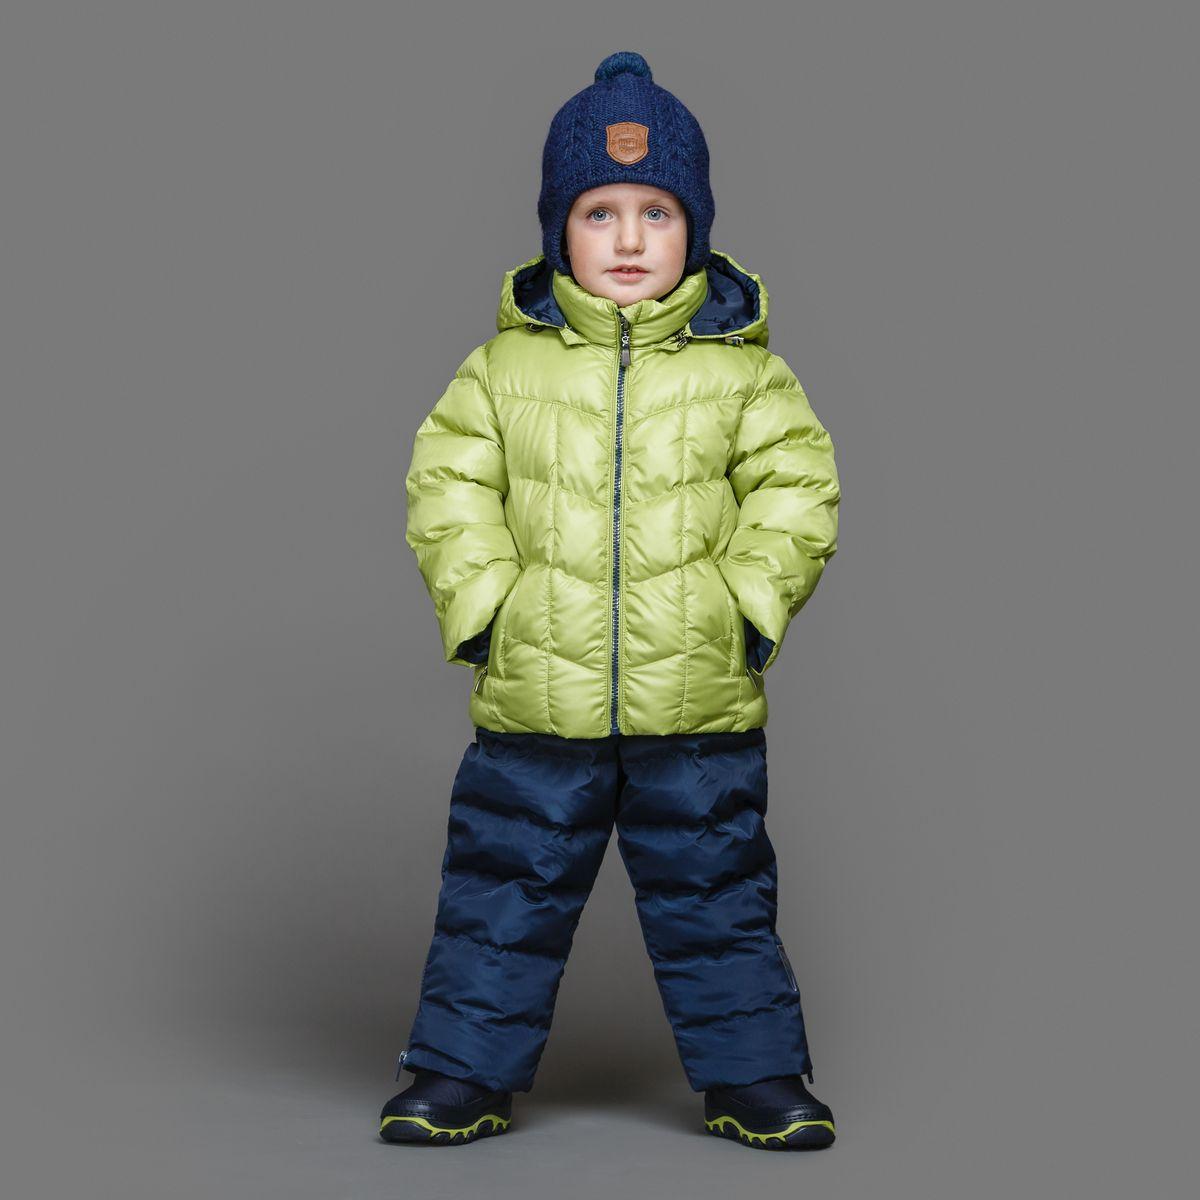 Комплект для мальчика Ёмаё: куртка, полукомбинезон, цвет: светло-зеленый, синий. 39-149. Размер 9239-149Теплый комплект Ёмаё идеально подойдет для ребенка в холодное время года. Комплект состоит из куртки и полукомбинезона, изготовленных из водоотталкивающей ткани с утеплителем из синтепуха. Подкладка выполнена из полиэстера. Куртка застегивается на пластиковую застежку-молнию и дополнена съемным капюшоном на кулиске. Низ рукавов с внутренними трикотажными манжетами - дополнительная защита от ветра и снега. Предусмотрены два прорезных кармана на молнии. Понизу куртка регулируется с помощью резинки на кулиске. Полукомбинезон с небольшой грудкой застегивается на пластиковую застежку-молнию и имеет наплечные лямки с пластиковым карабином, регулируемые по длине. Спереди он оформлен двумя втачными кармашками. На талии предусмотрена широкая эластичная резинка, которая позволяет надежно заправить в брюки водолазку или свитер. Снизу брючины дополнены внутренними манжетами с настроченной эластичной тесьмой с латексной нитью (антискользящая), которая фиксирует брючины на сапогах и предохраняет от попадания снега. Все молнии с внутренними ветрозащитными планками. Набивка куртки - 220 г/м2, подкладка - флис. Набивка полукомбинезона - 150 г/м2.Температурный режим до -10-15°С.Комфортный, удобный и практичный комплект идеально подойдет для прогулок и игр на свежем воздухе!